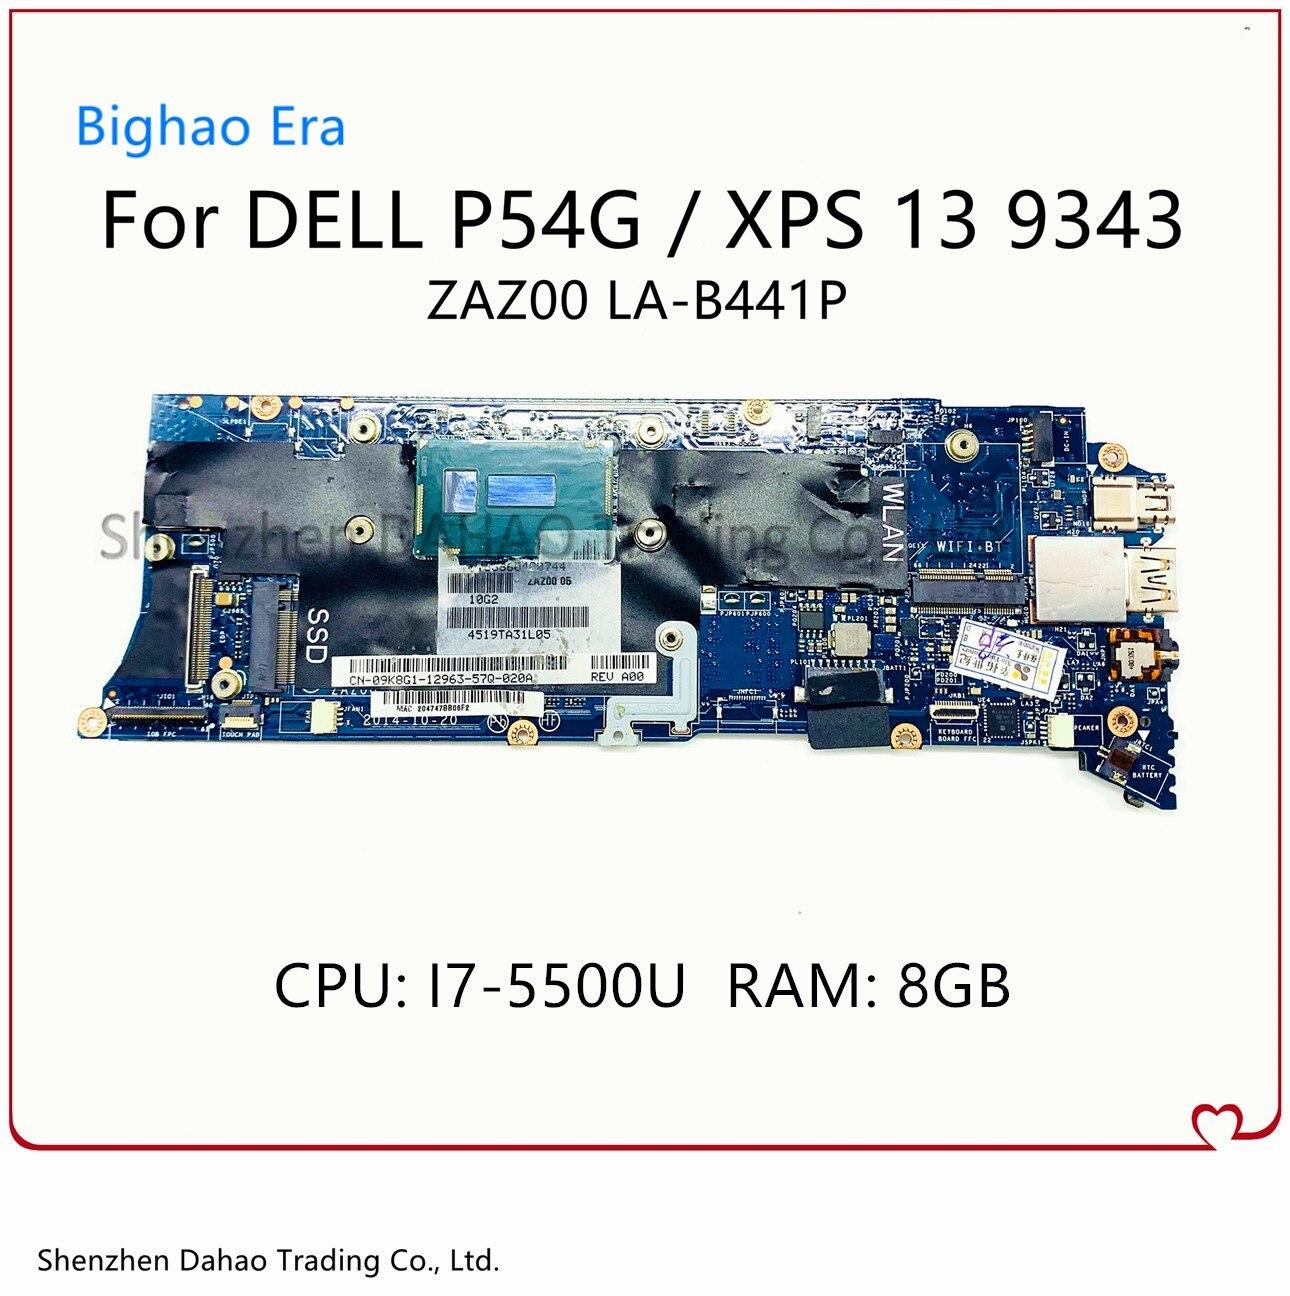 لديل P54G XPS 13 9343 اللوحة المحمول ZAZ00 LA-B441P اللوحة مع i7-5500U CPU 8G-RAM 100% العمل CN-09K8G1 09K8G1